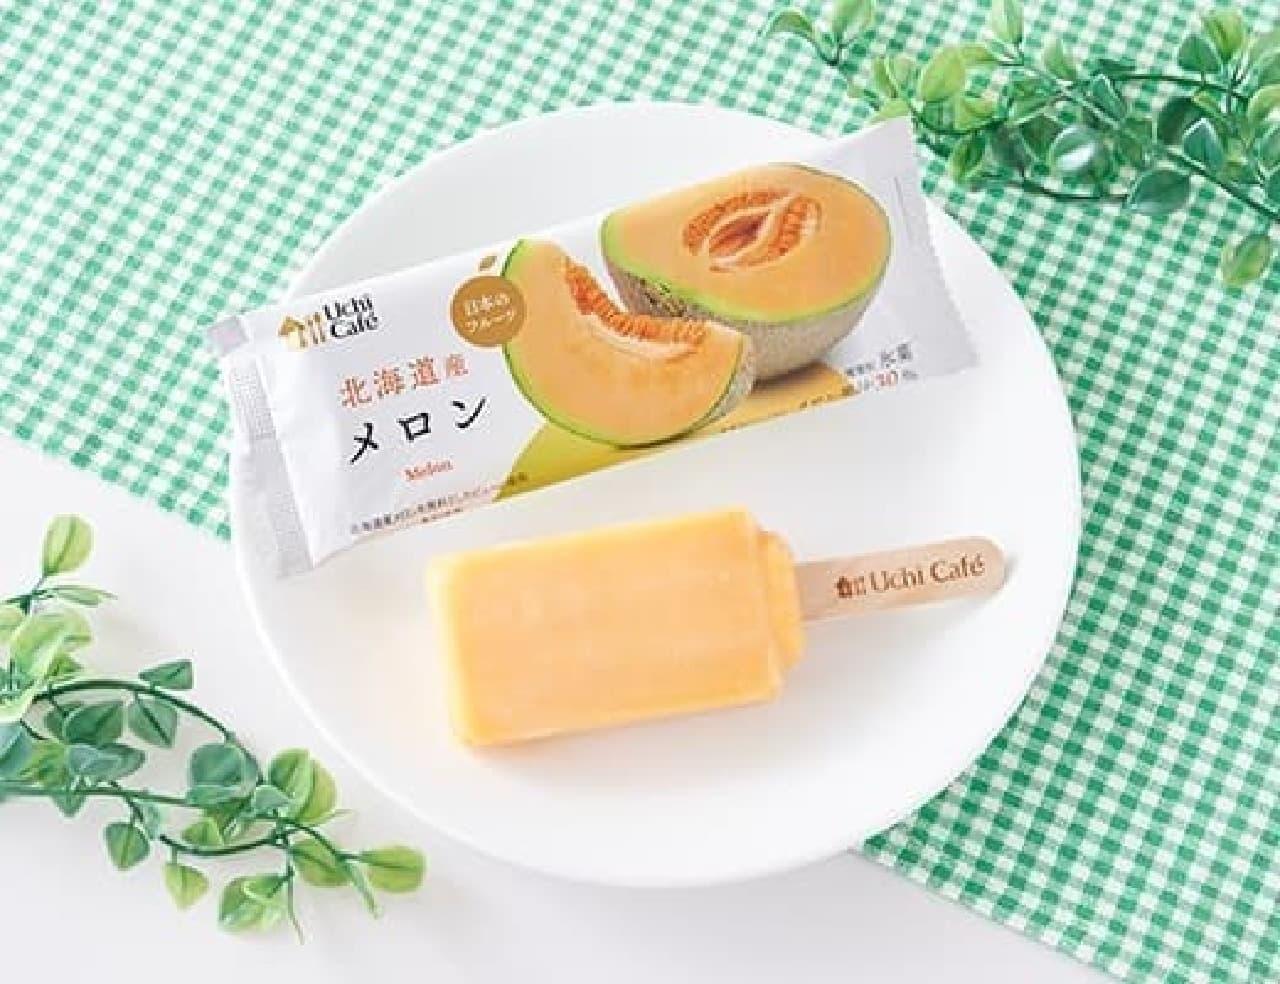 ローソン「ウチカフェ 日本のフルーツ メロン 75ml」